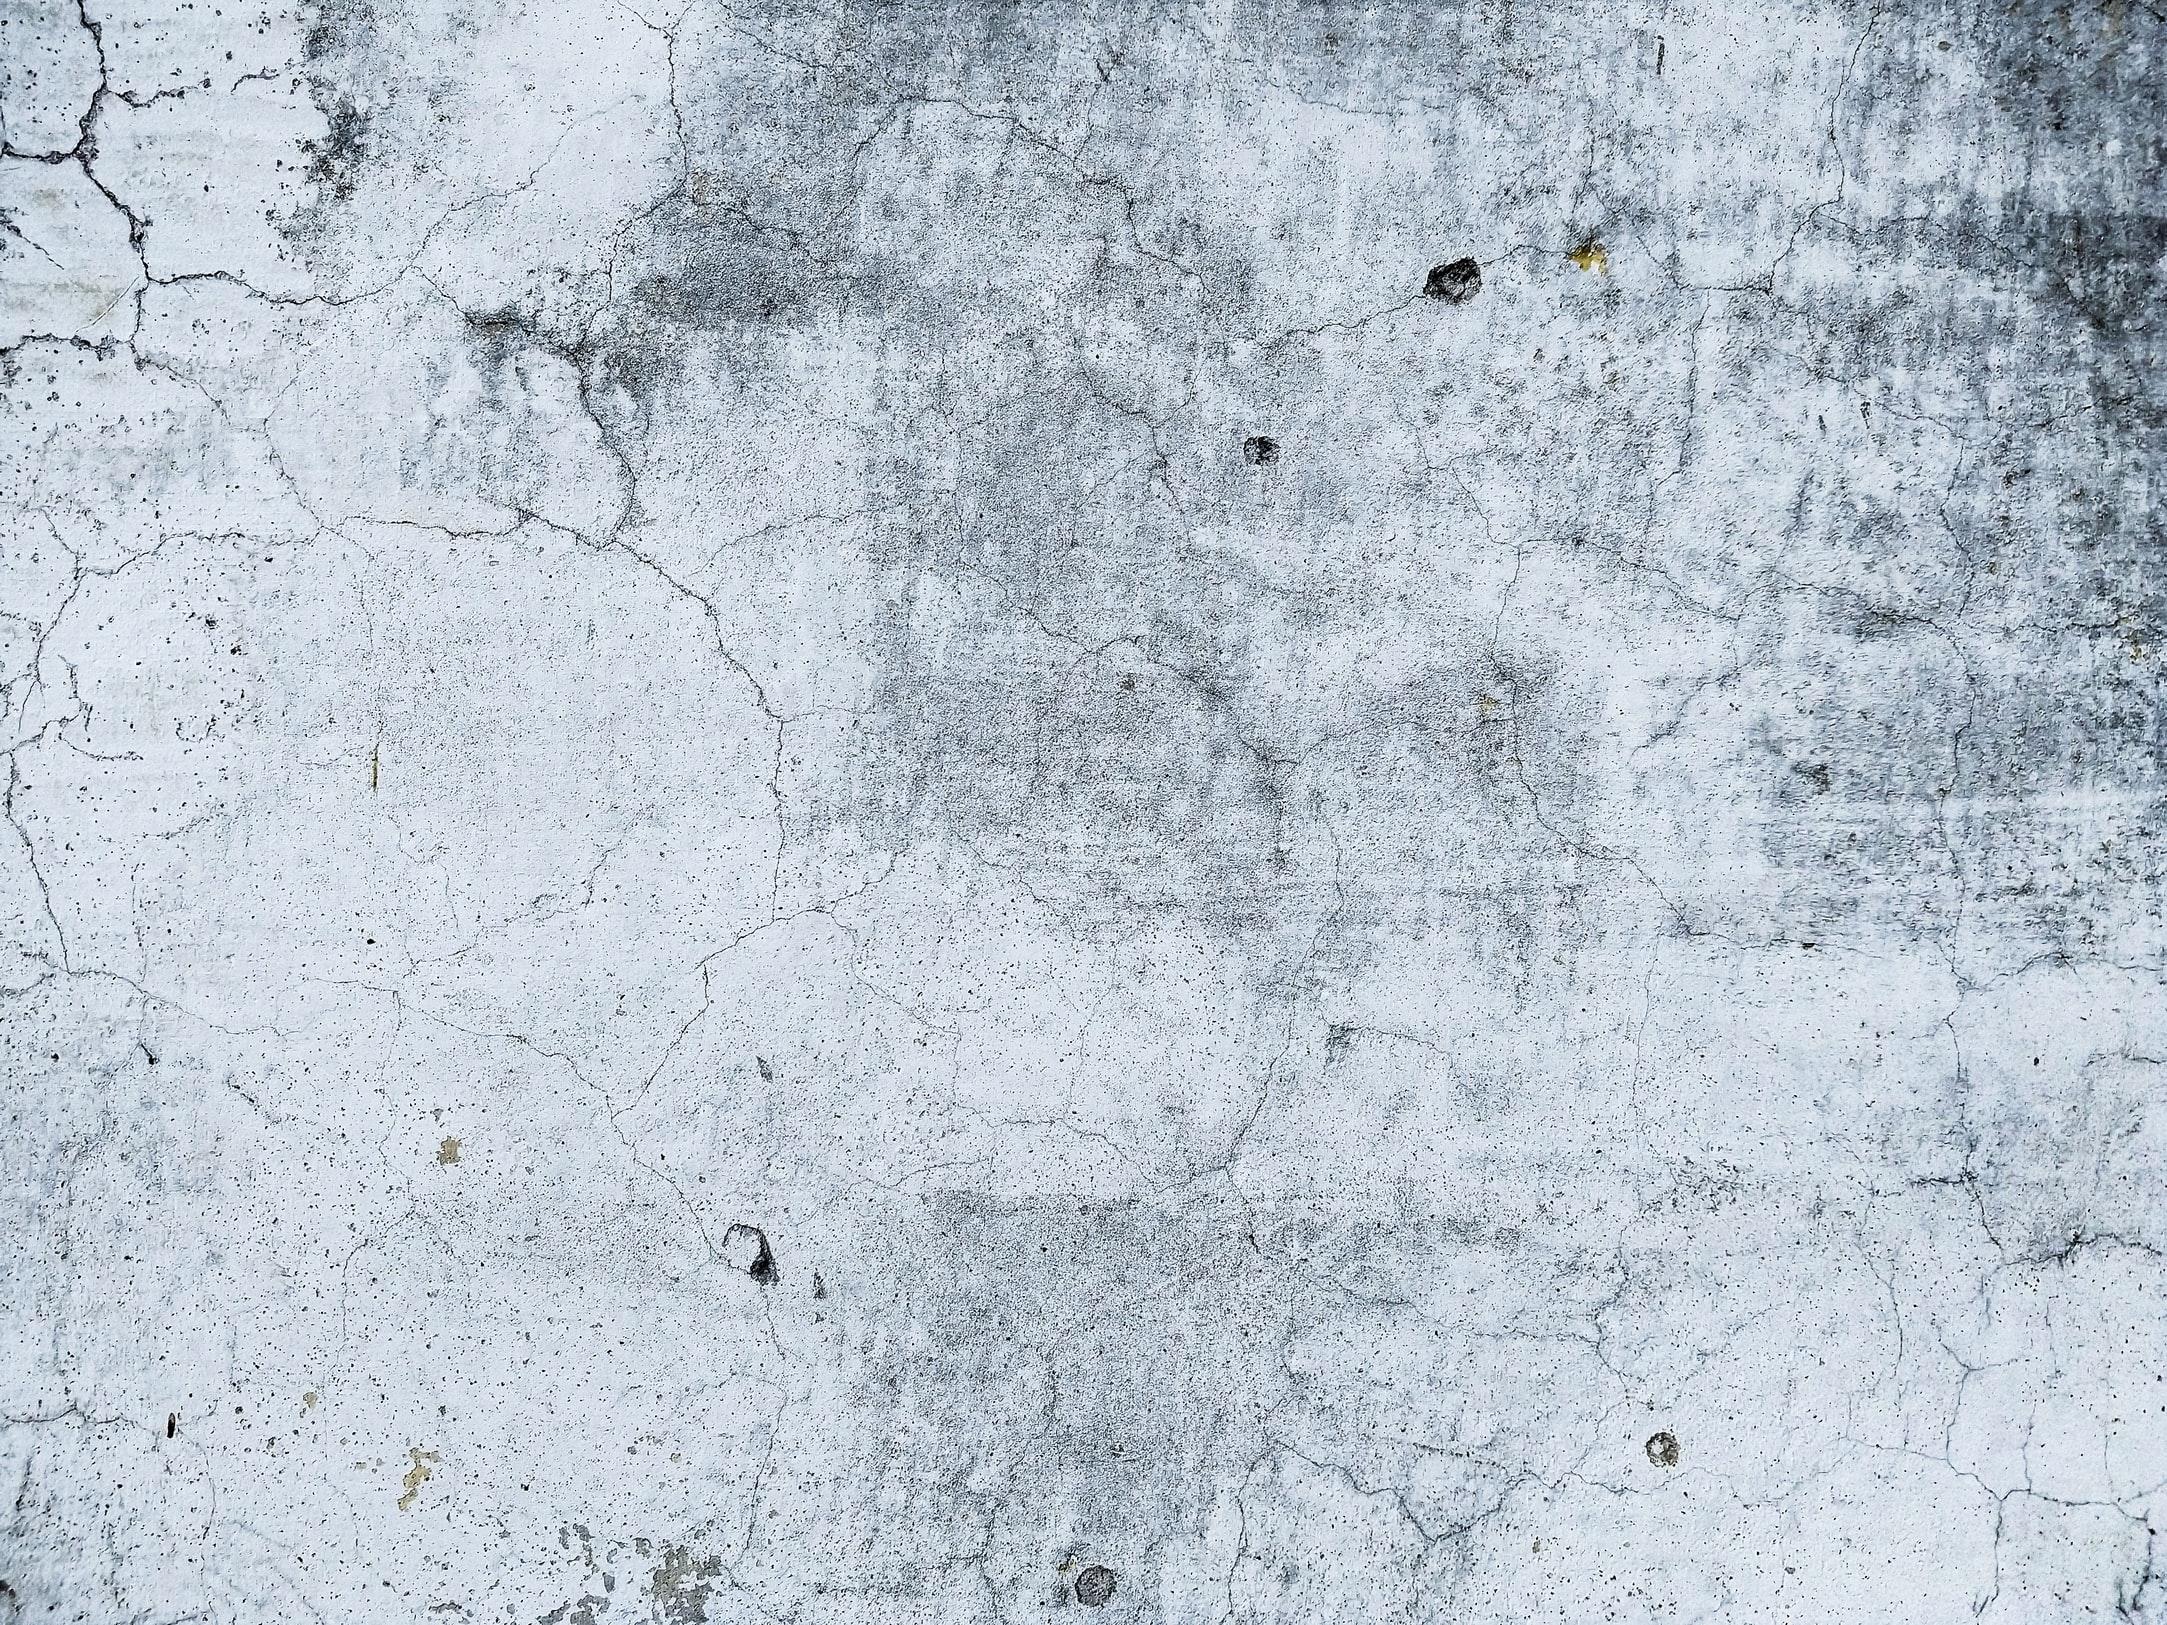 Cracked, grey concrete.